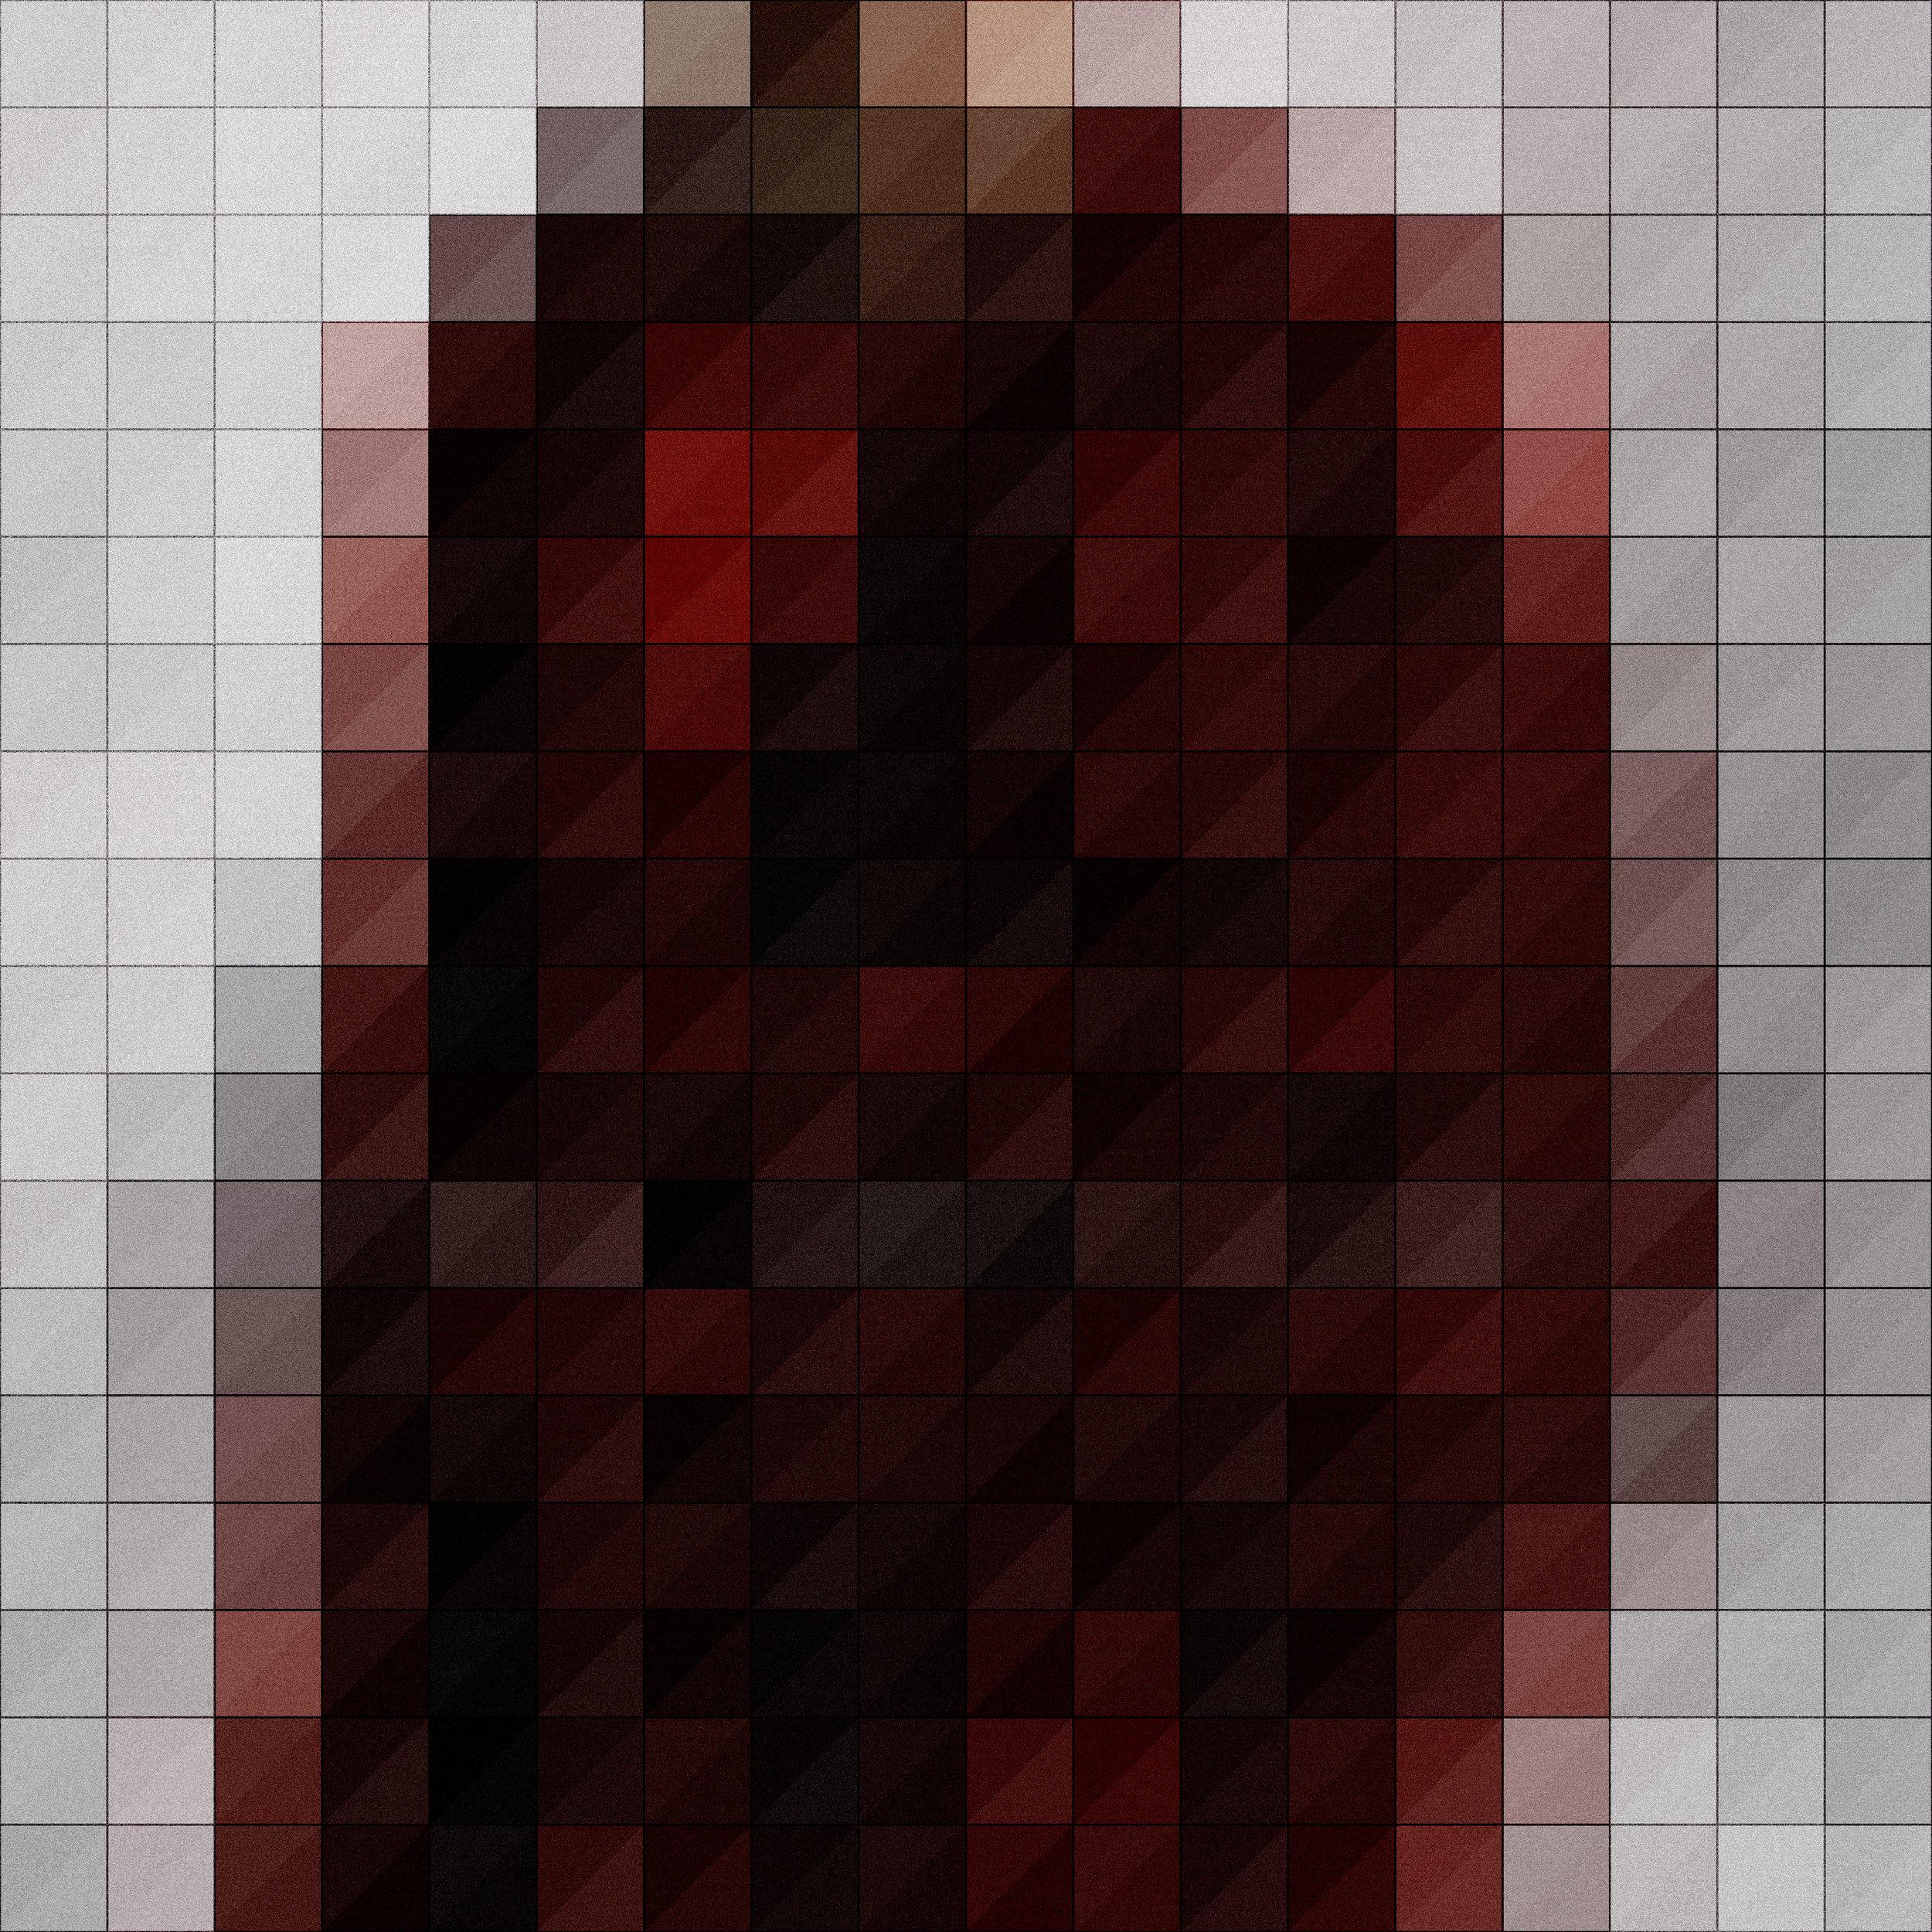 Pixel-StarWars-Poe.jpg